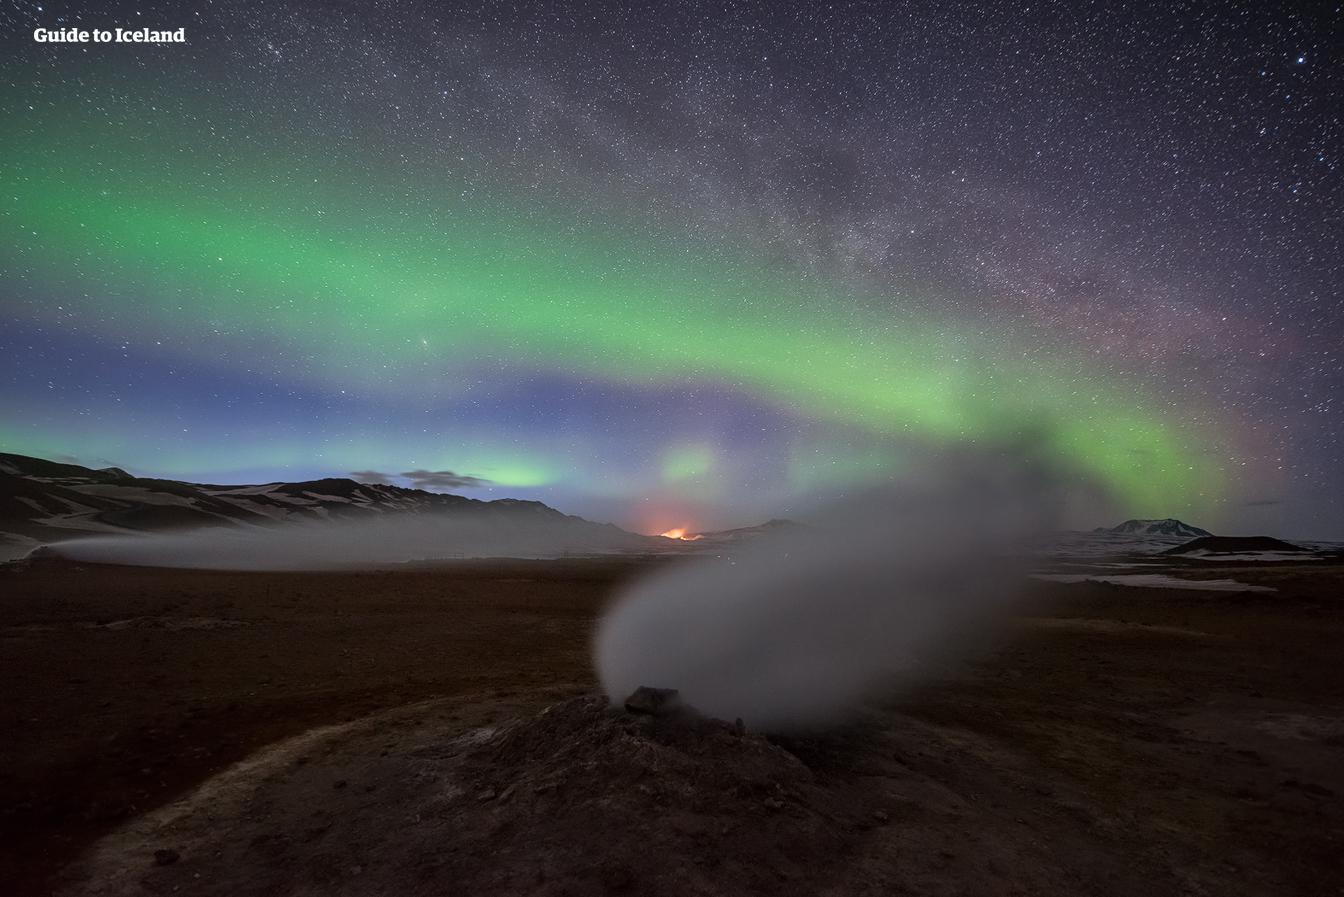 13 dni, samodzielna podróż   Zimowa wycieczka dookoła Islandii i Snaefellsnes - day 4